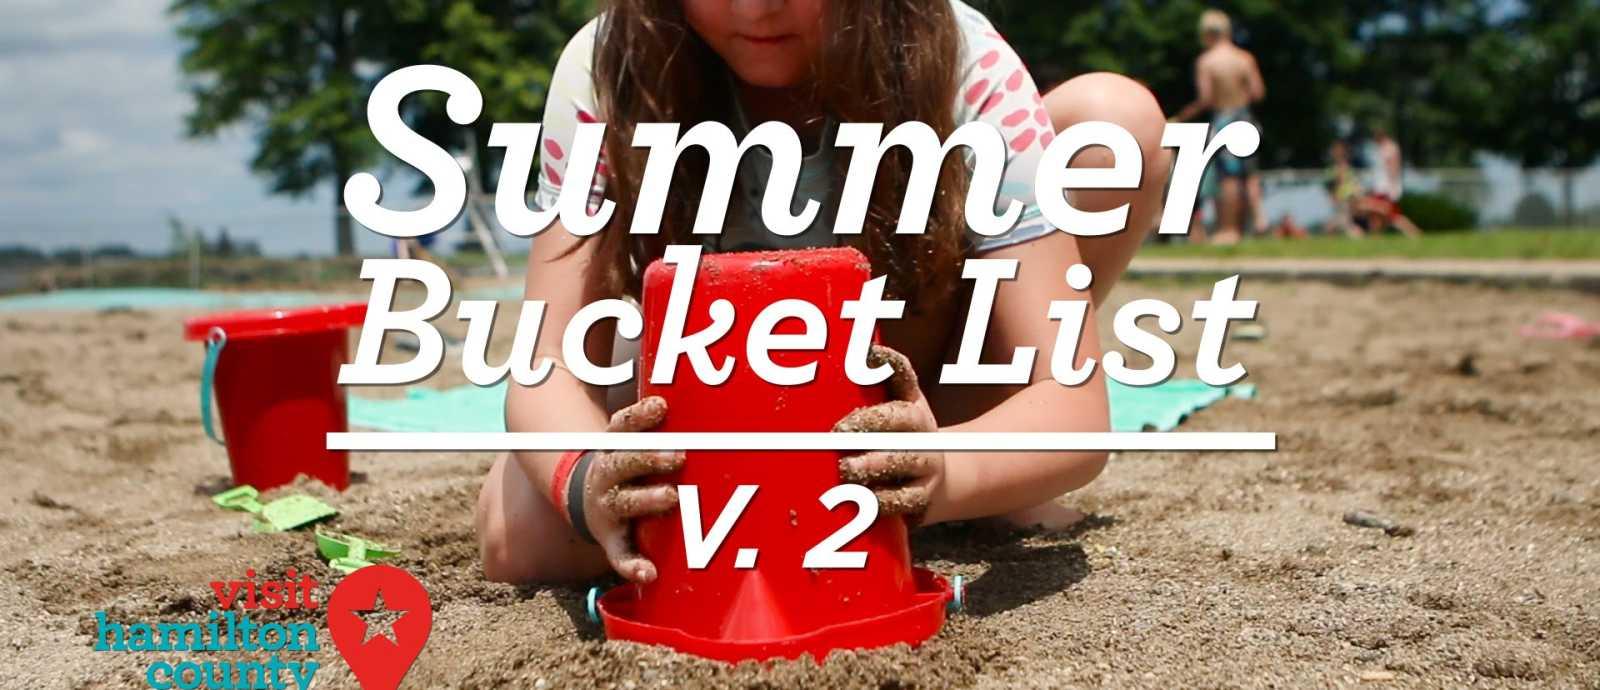 Hamilton County Summer Bucket List V. 2